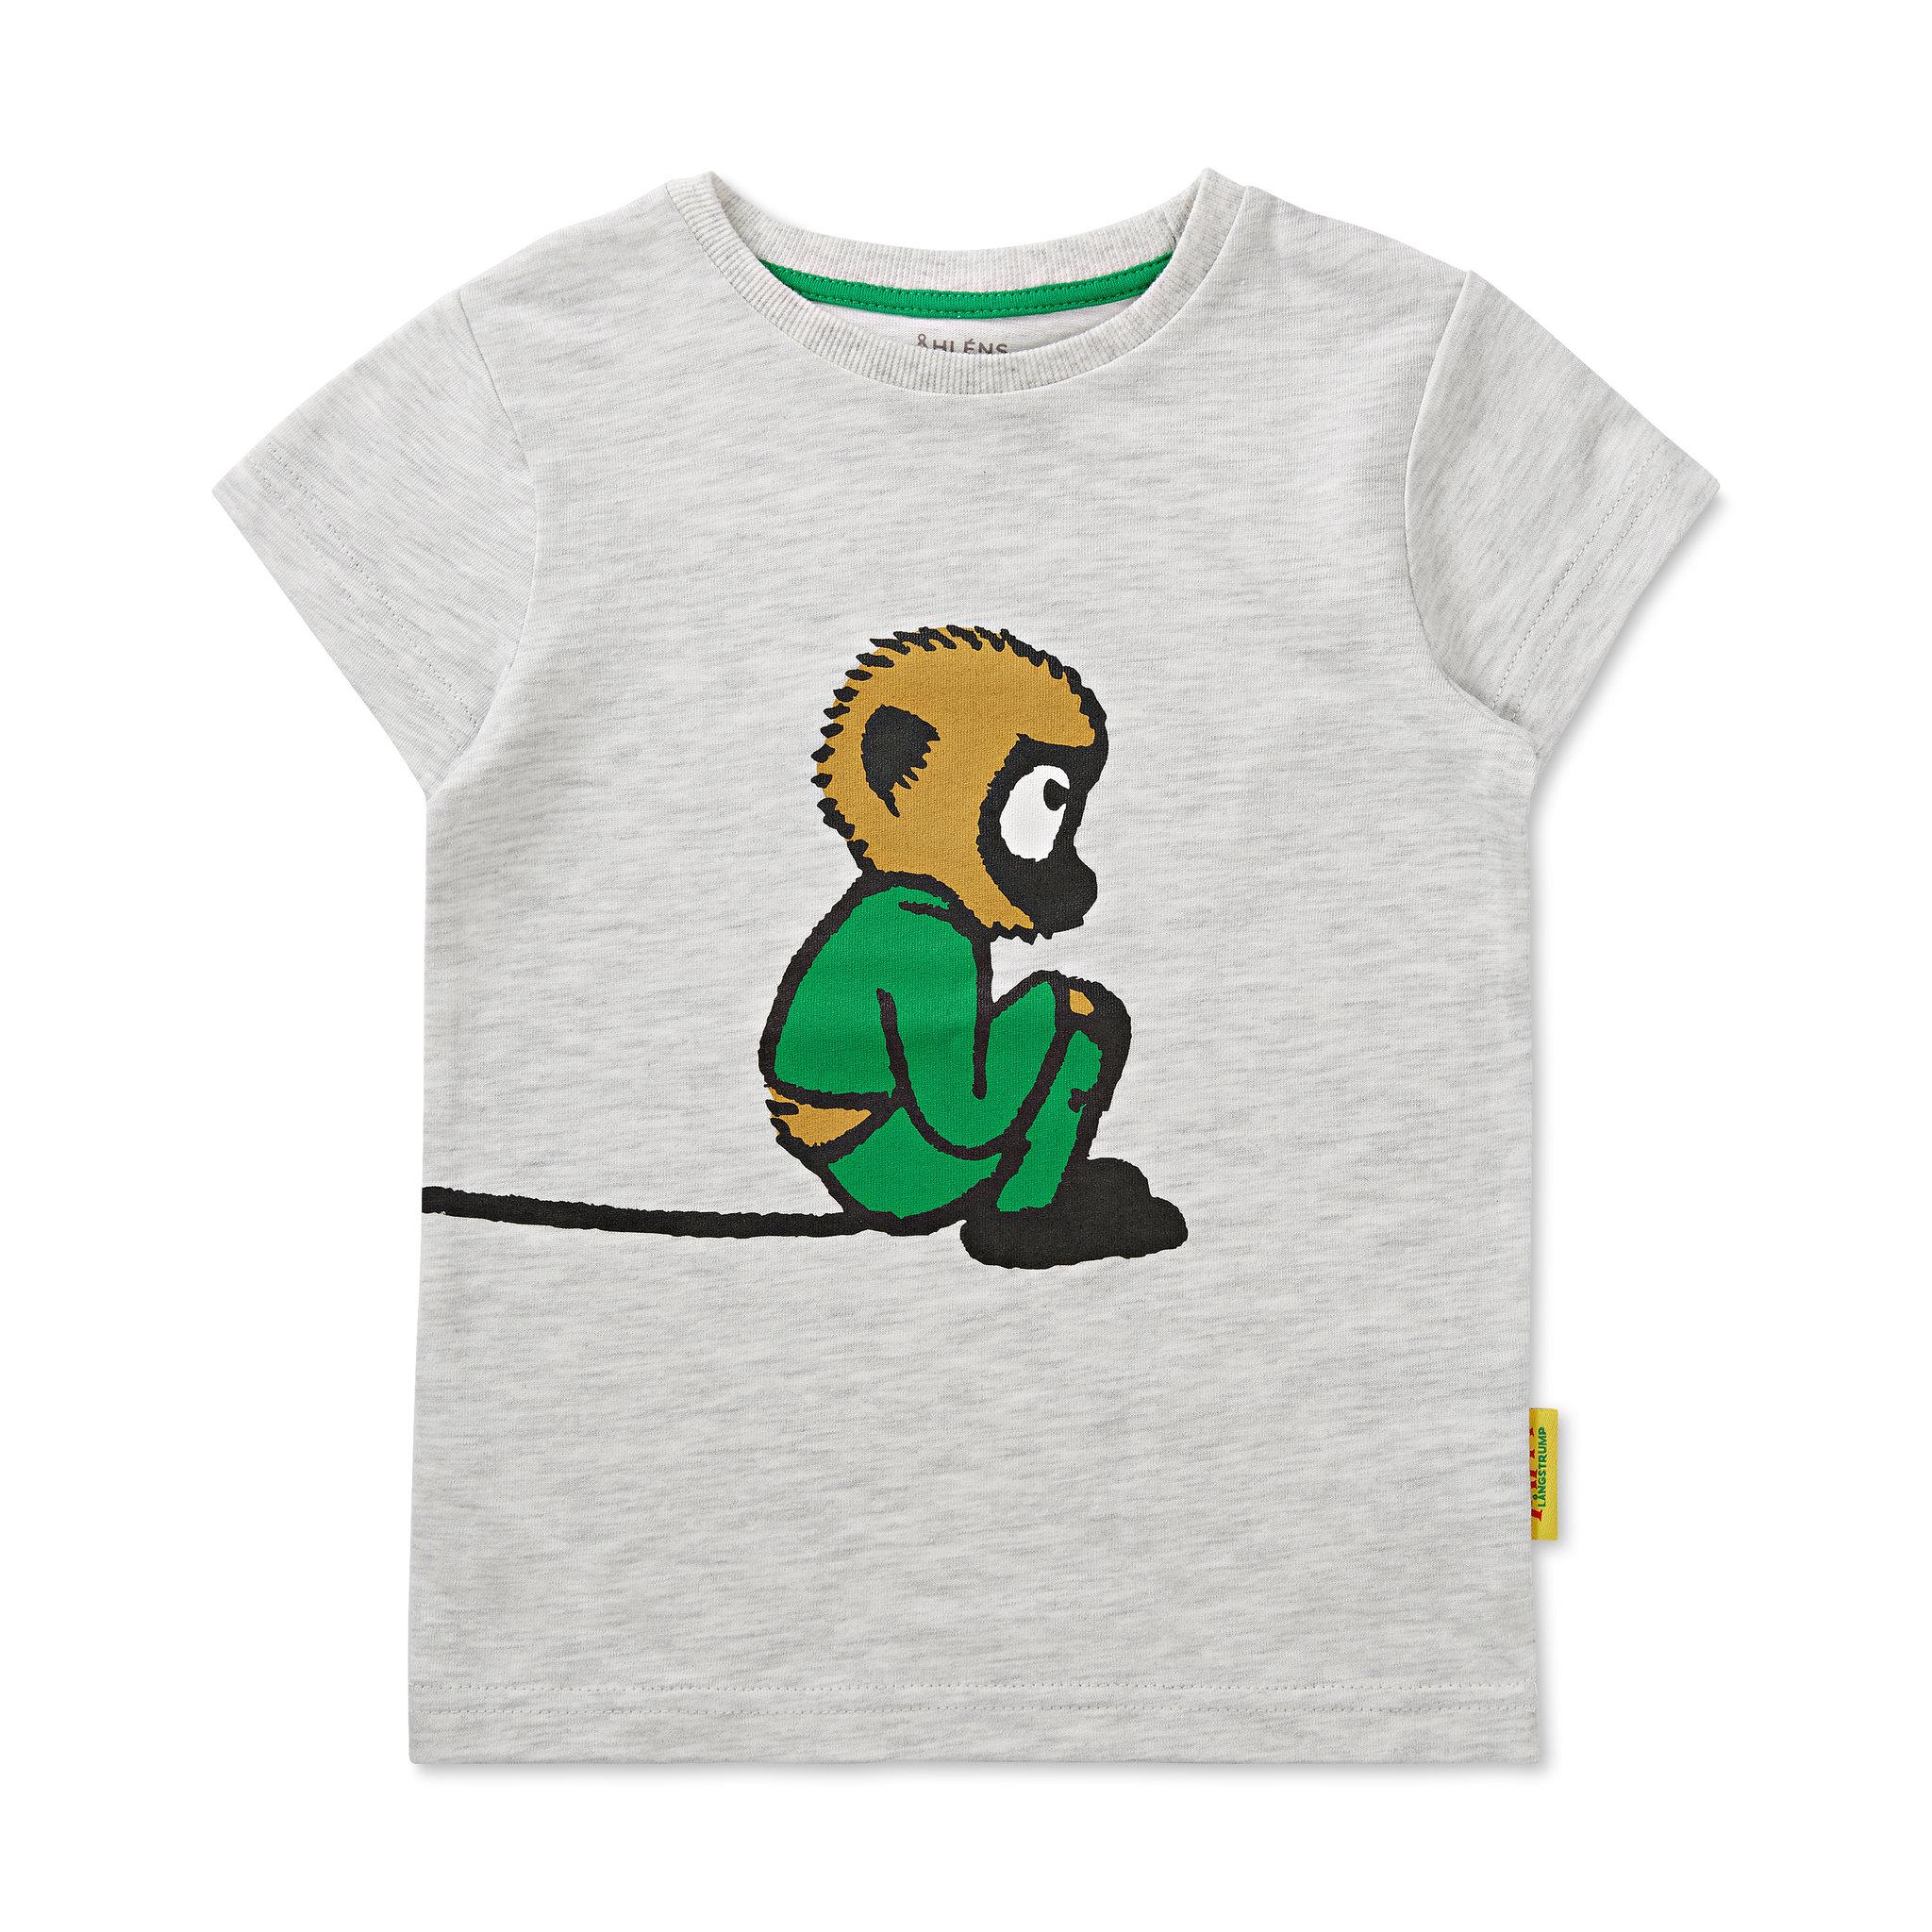 72a411ecfc7b T-shirt Herr Nilsson - T-shirts & toppar - Köp online på åhlens.se!